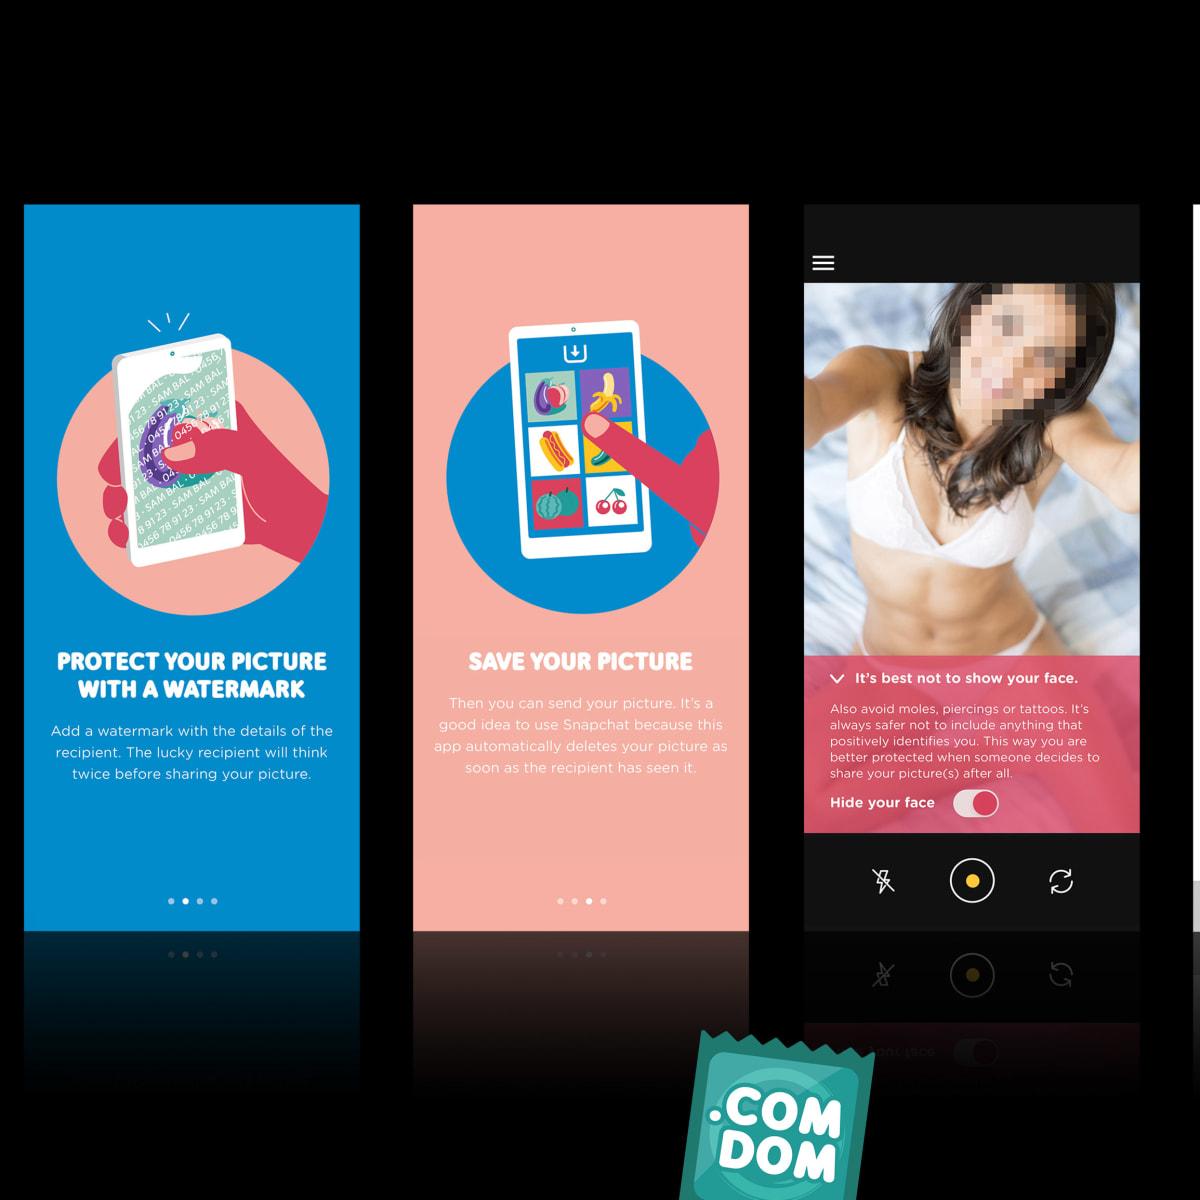 .comdom App Frames